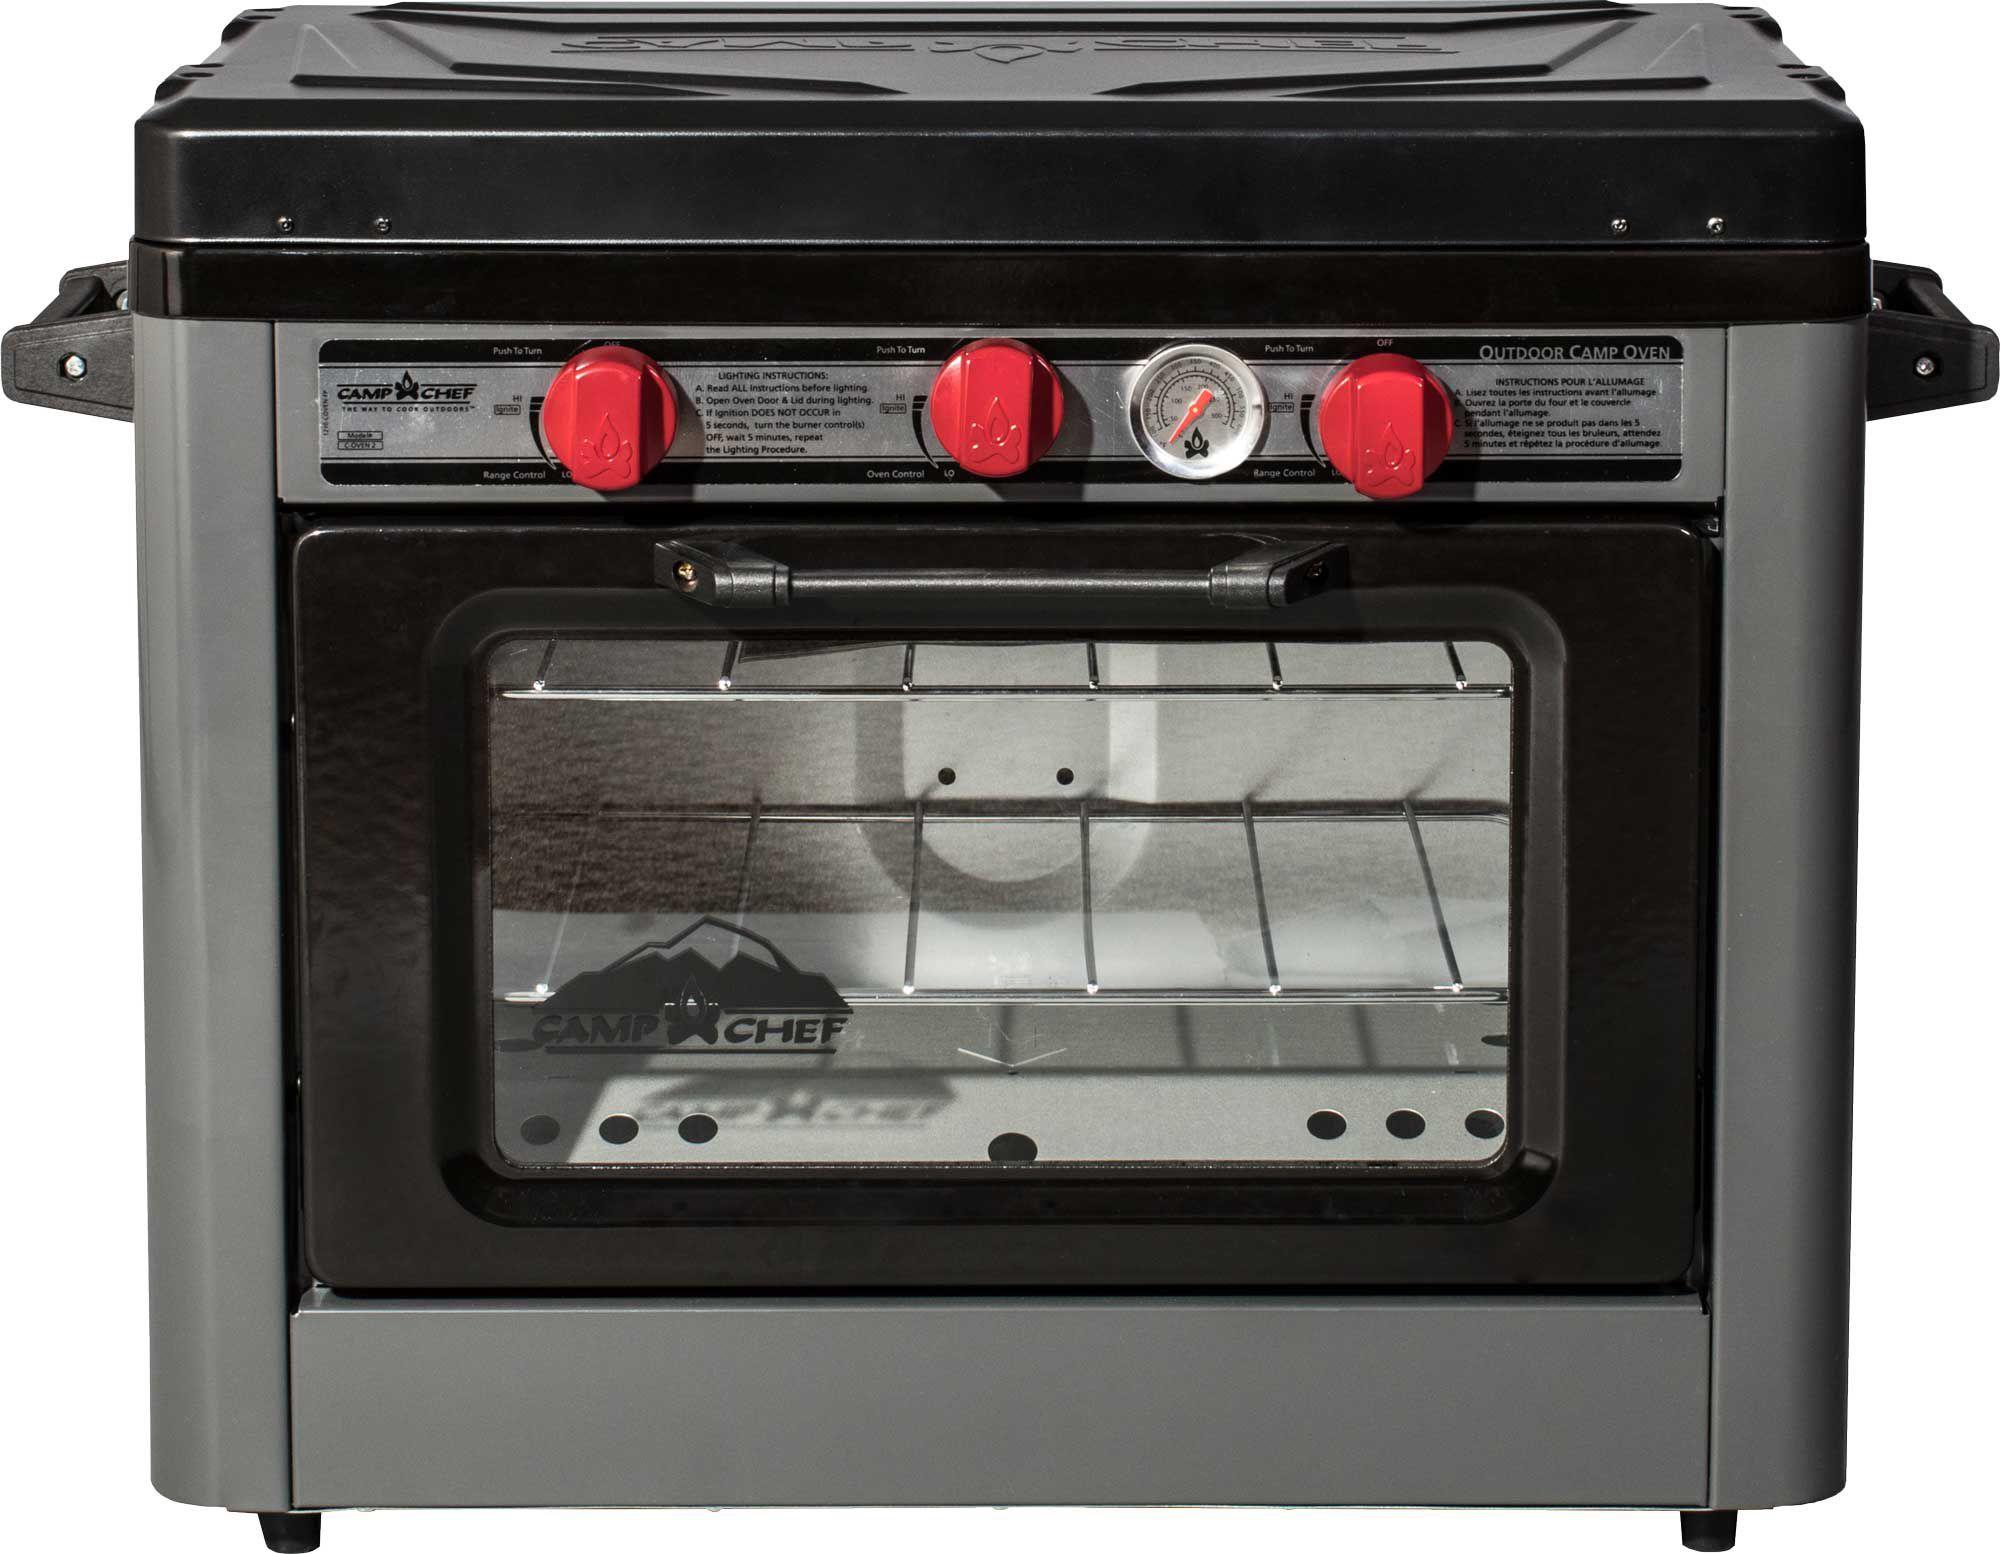 Camp Chef Deluxe Outdoor Oven, steel